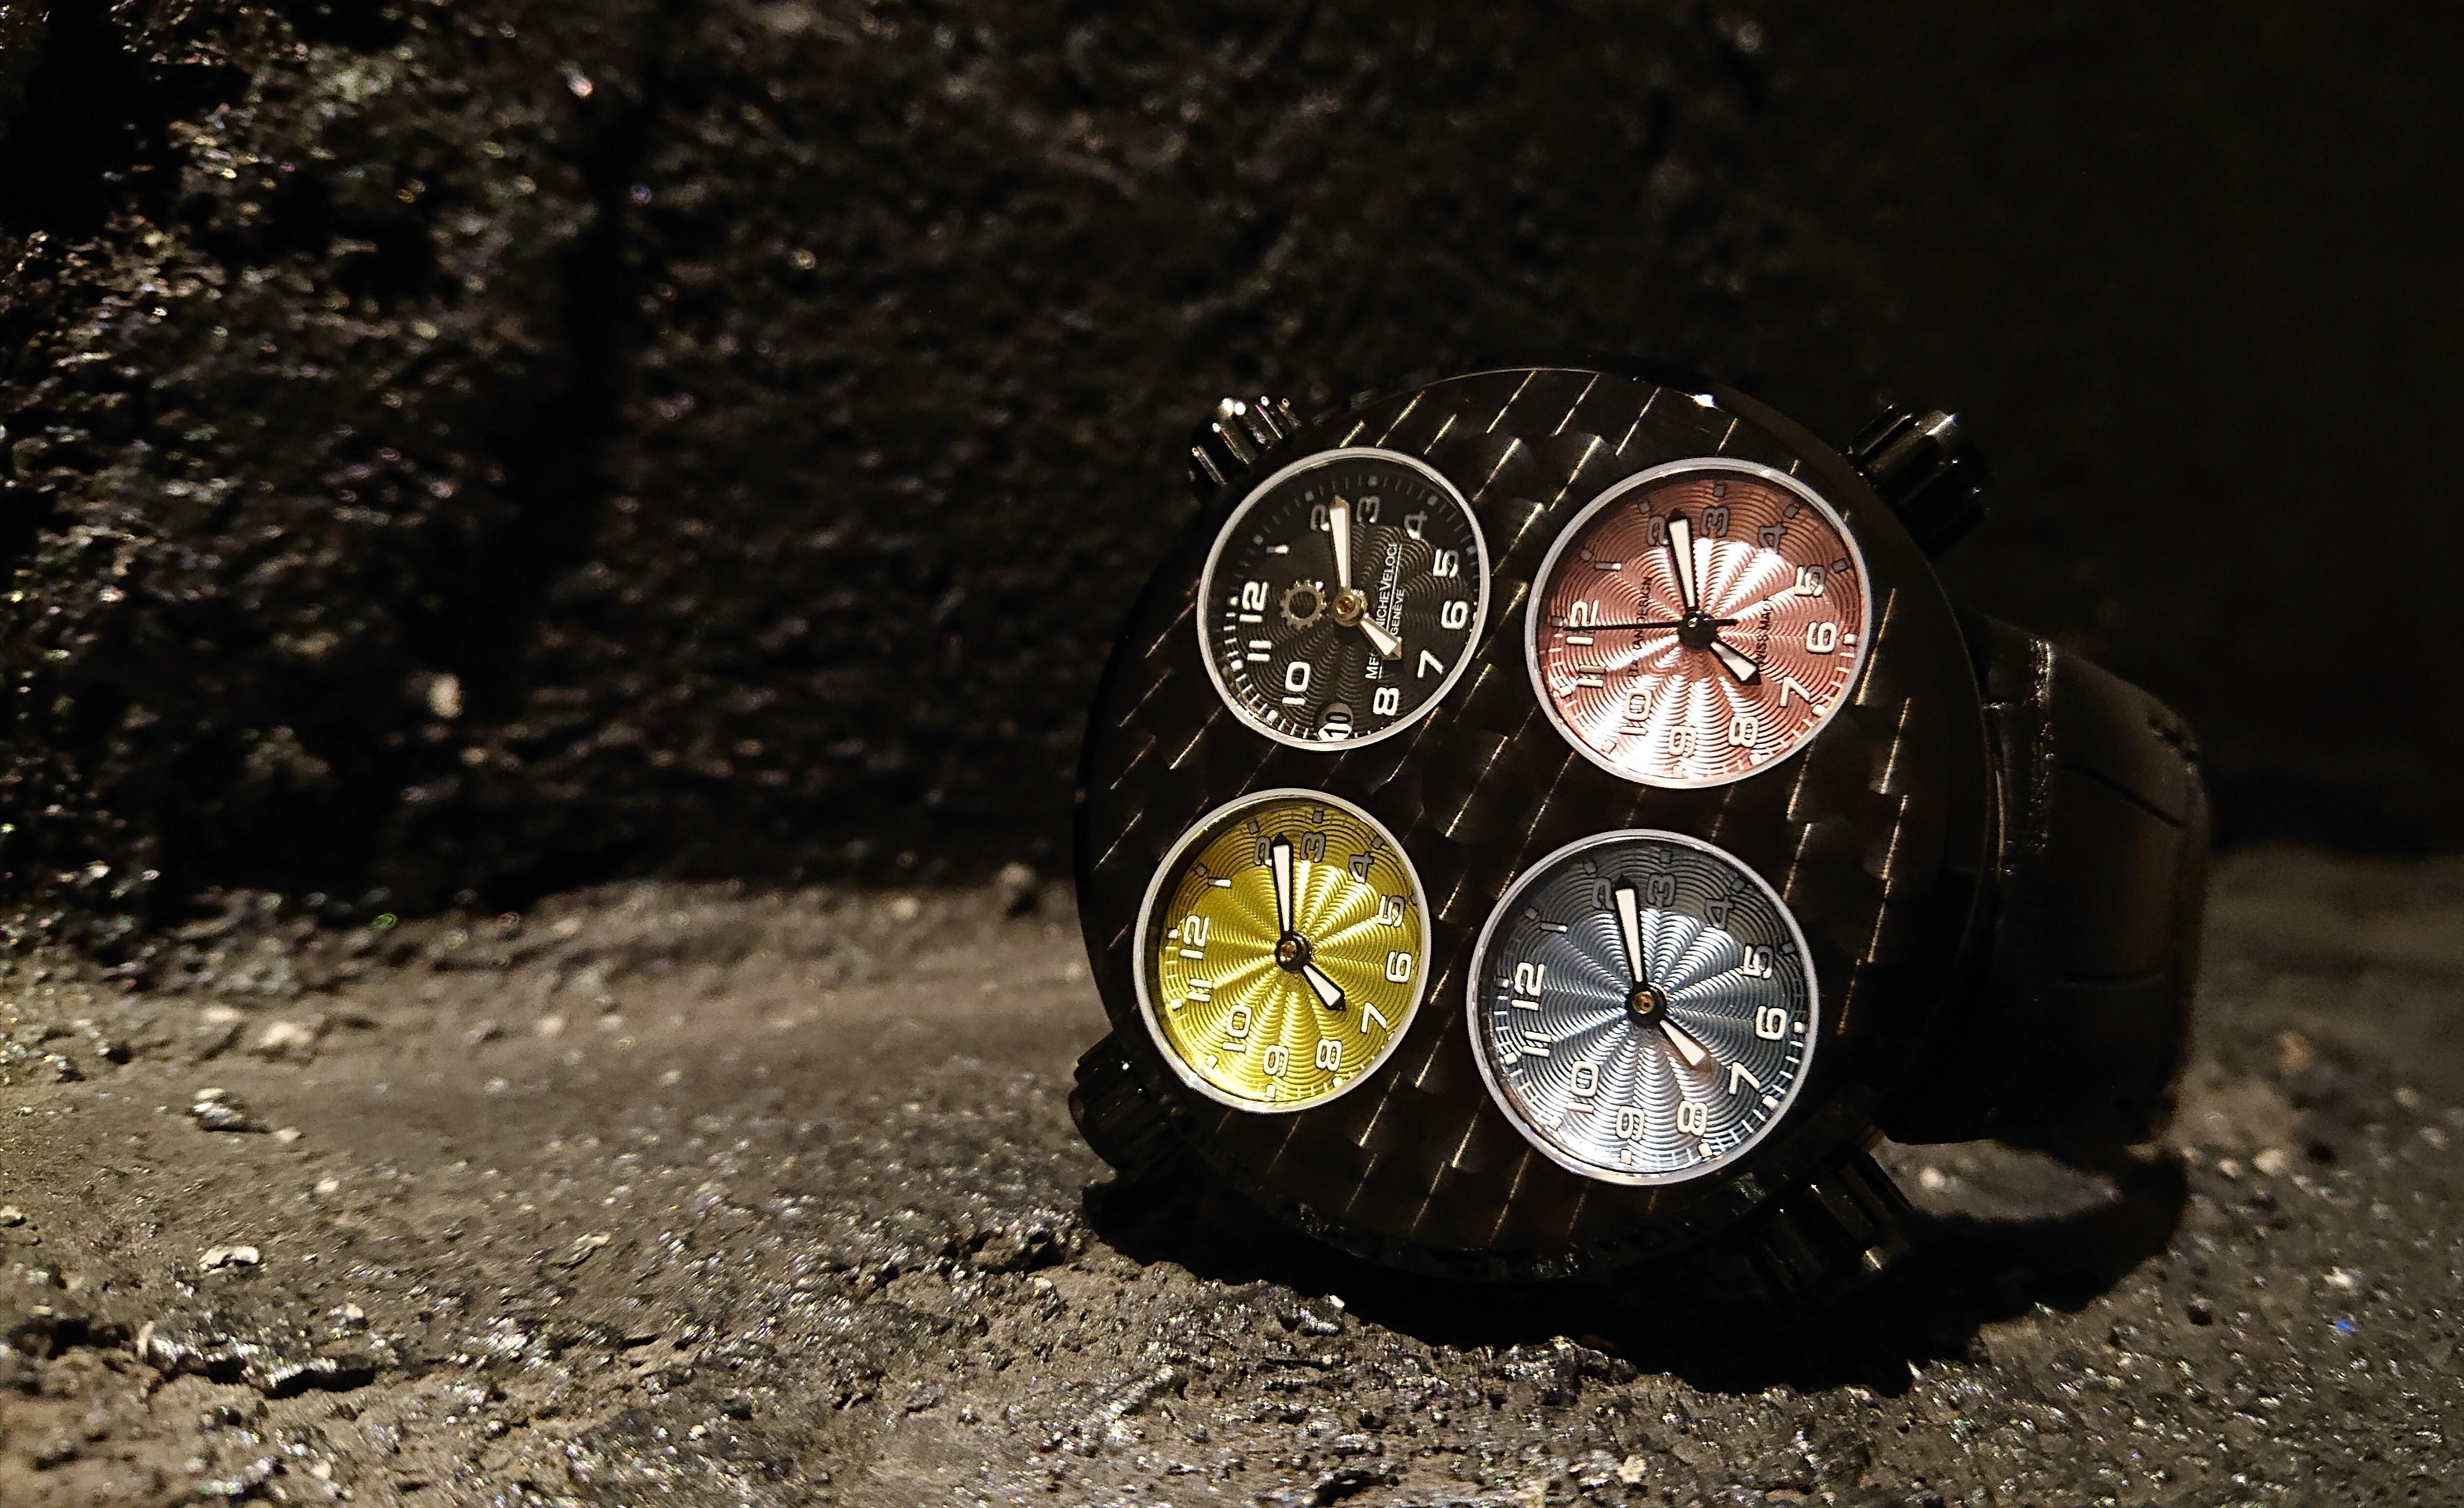 【MECCANICHE VELOCI メカニケ・ヴェローチ】ICON NITELITE BLACK アイコン ナイトライト(ブラック)/国内正規品 腕時計